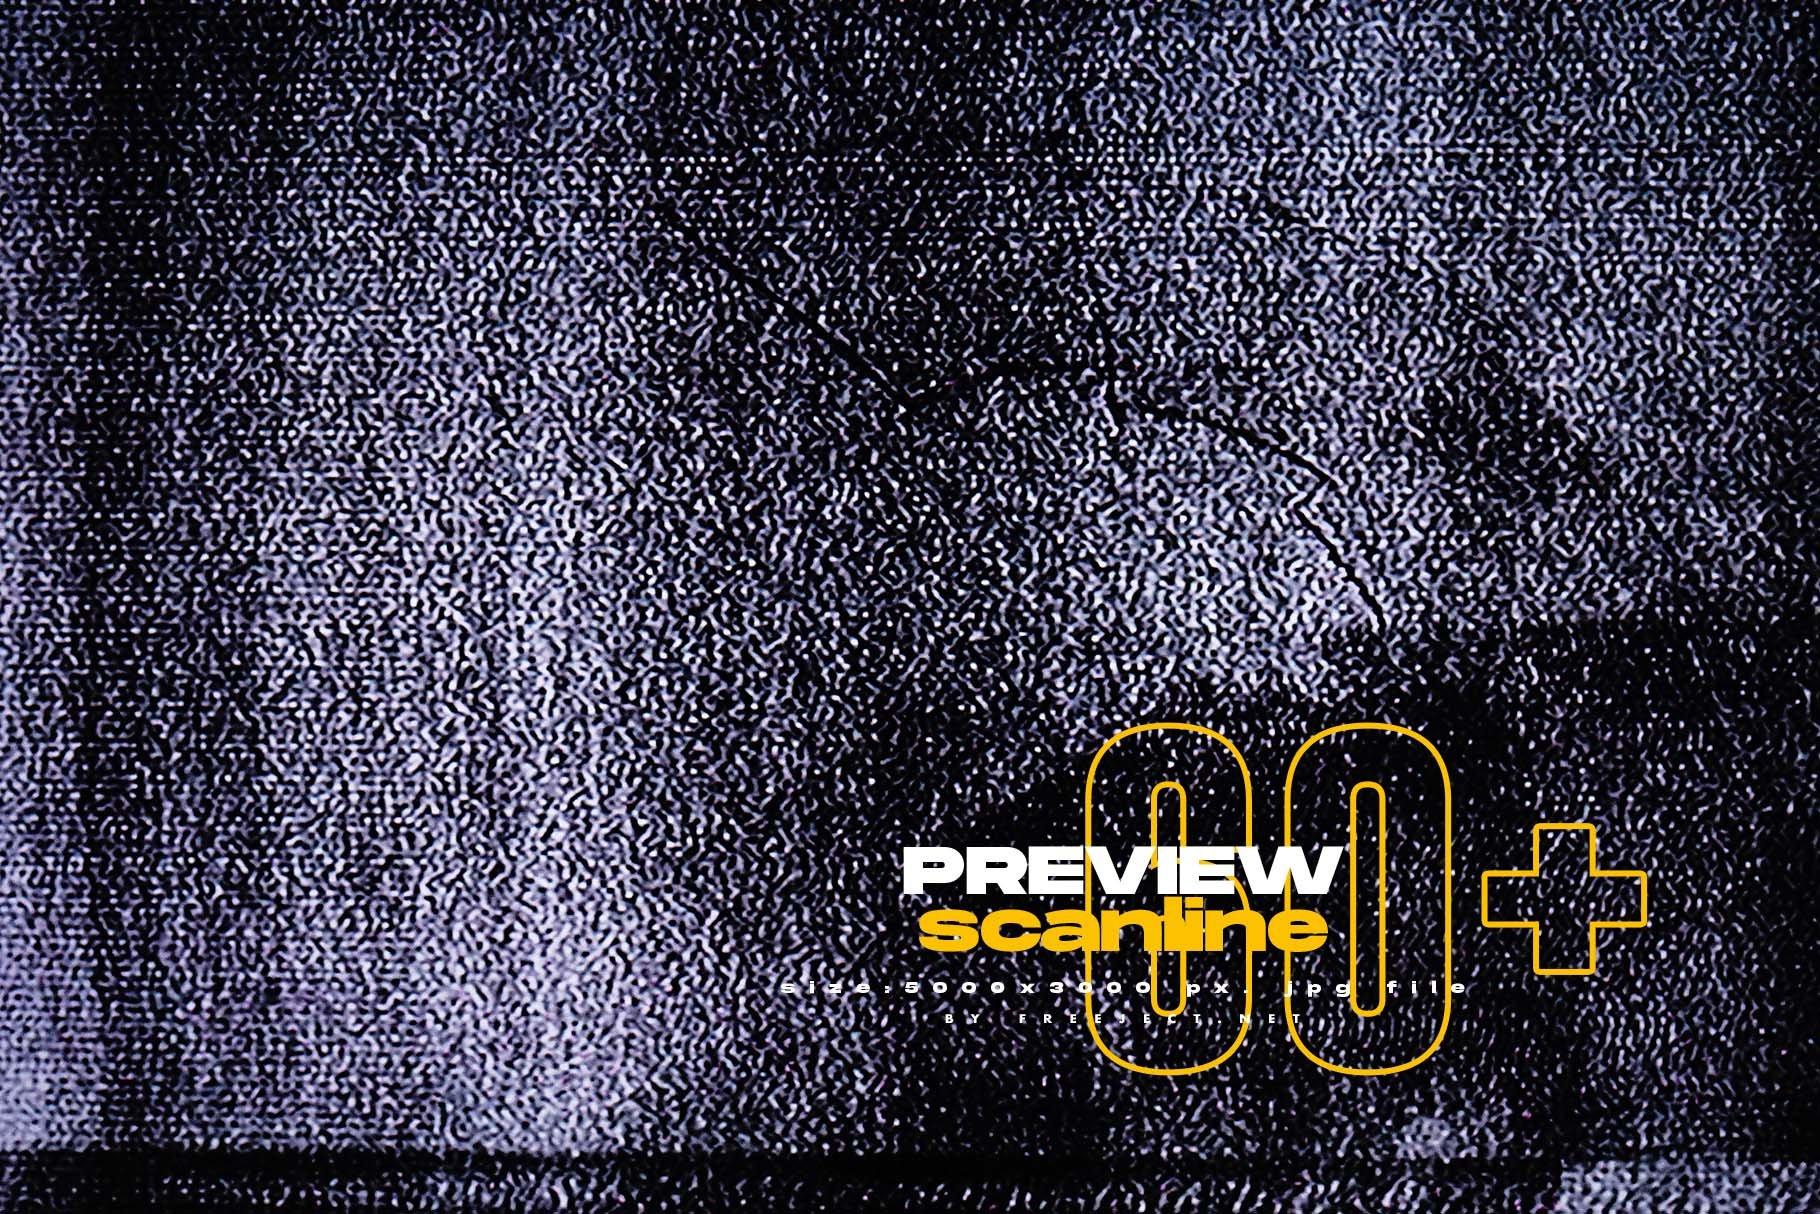 [淘宝购买]62款高清抽象粗糙故障风平面广告海报设计背景纹理图片素材 62 Abstract Scanline Glitch Texture插图(4)